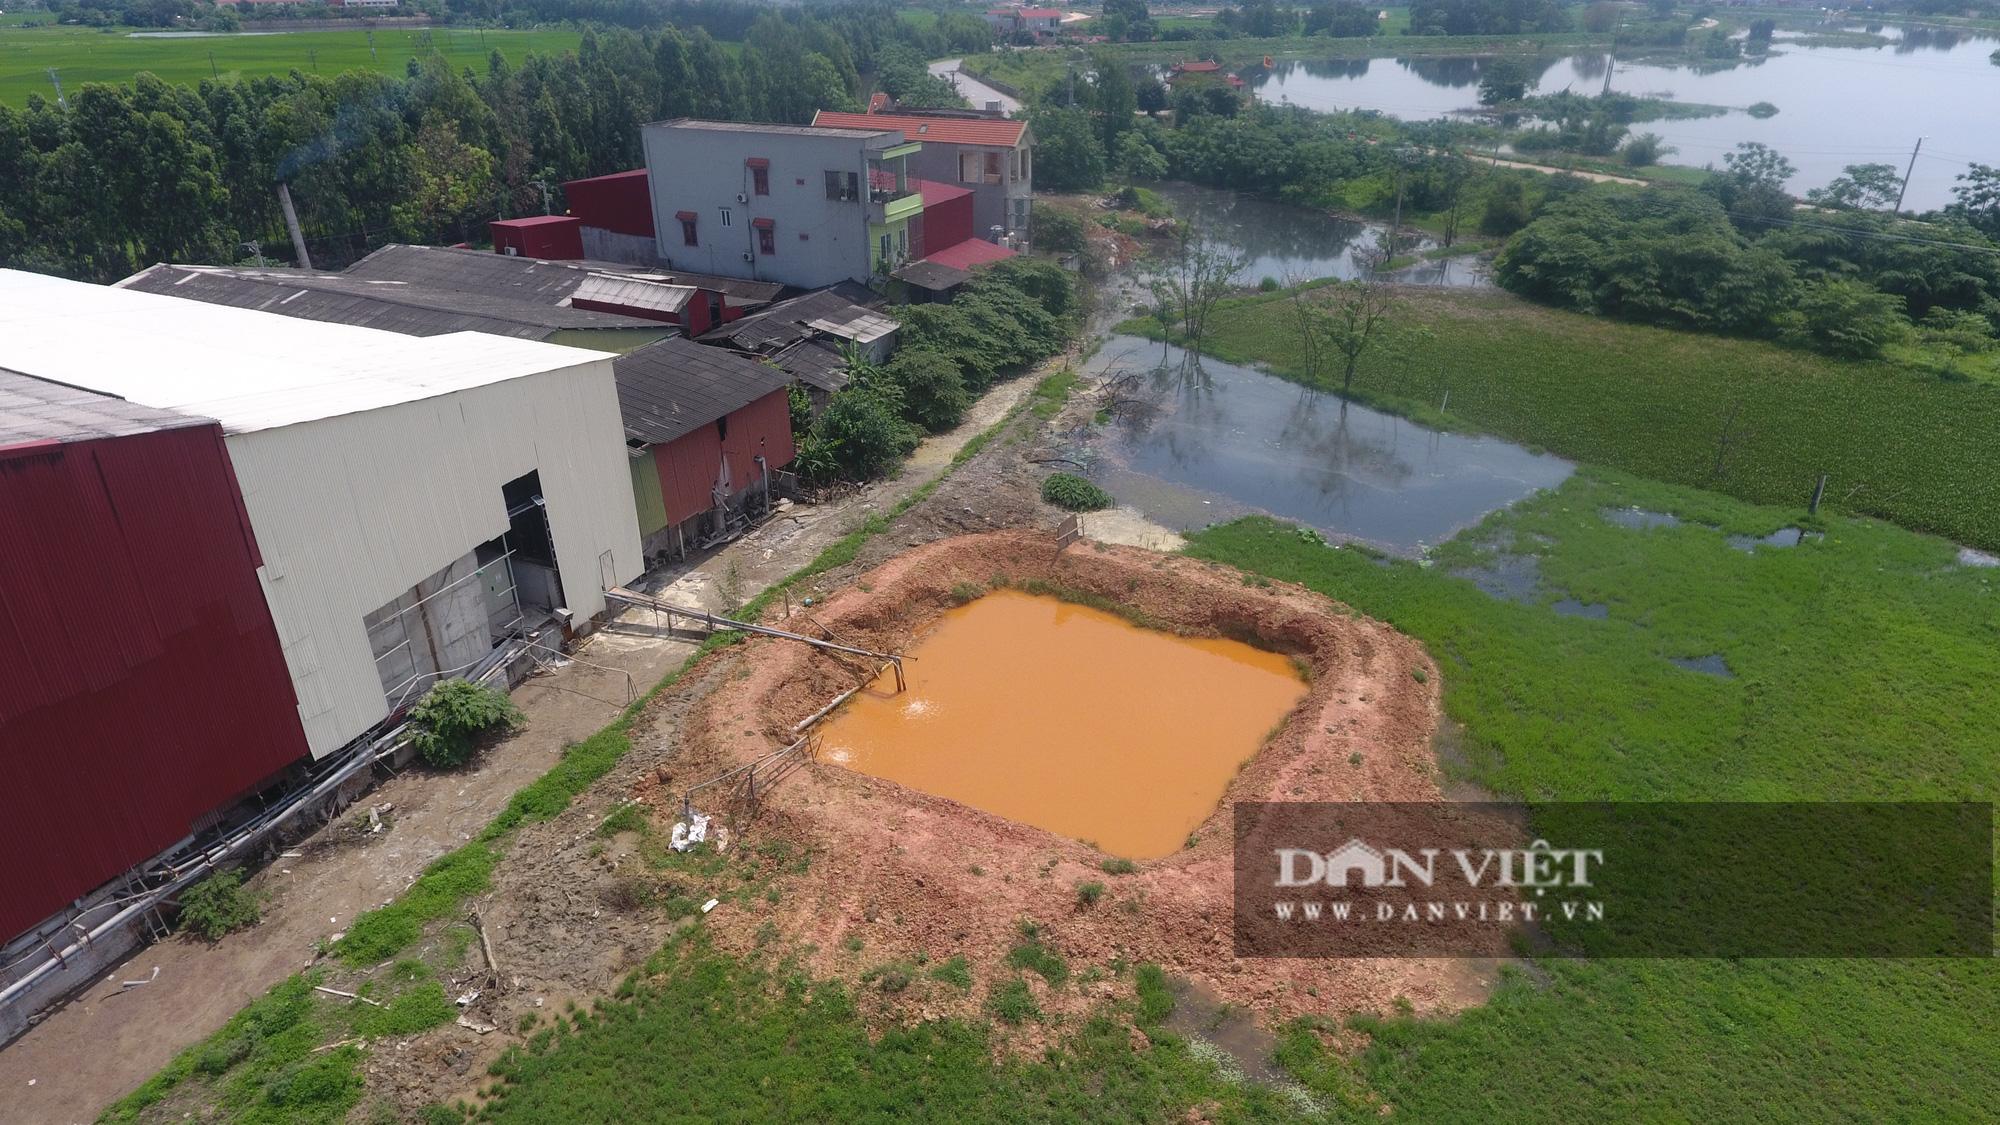 Kinh hãi bên trong nhà máy sản xuất giấy vừa bị đình chỉ ở Phong Khê - Ảnh 12.